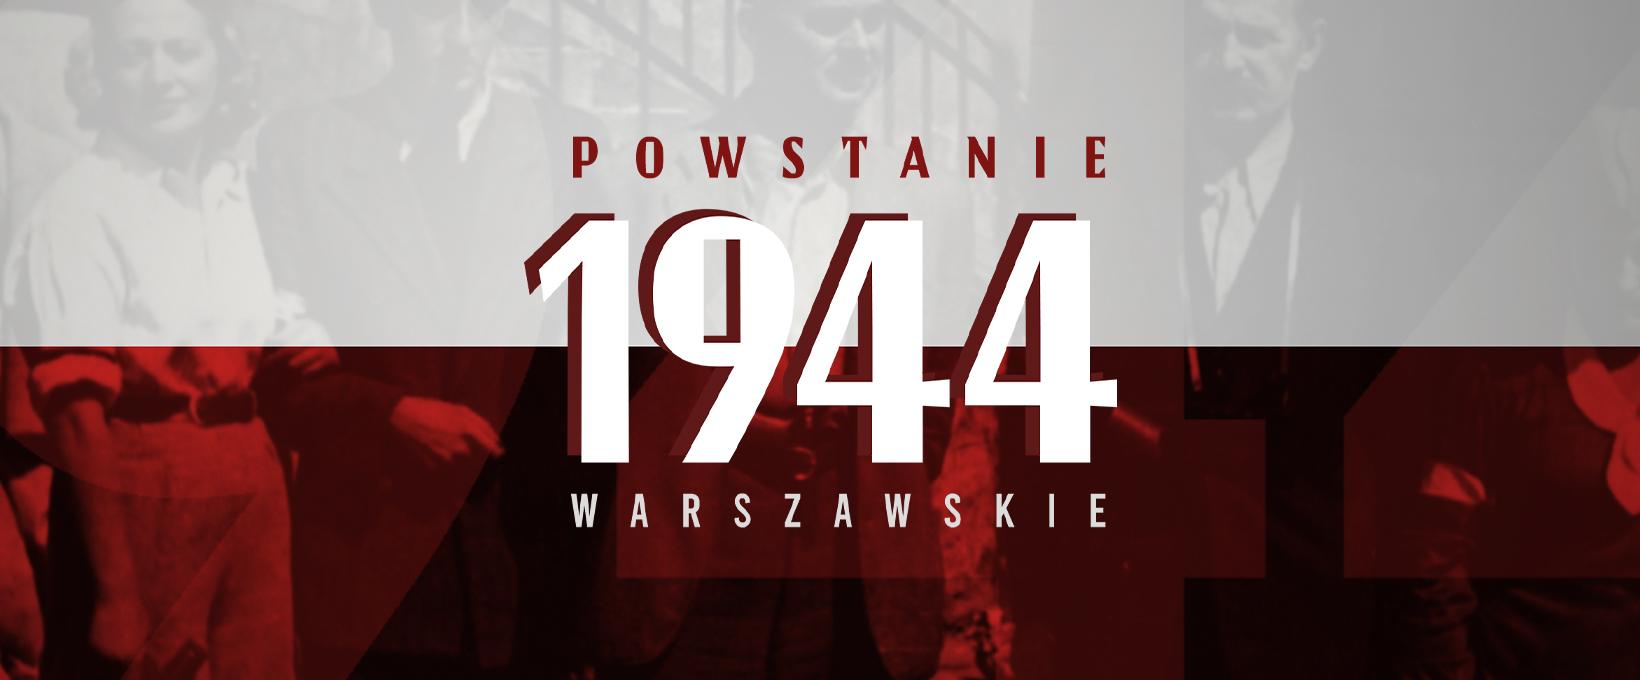 Rocznica wybuchu Powstania Warszawskiego